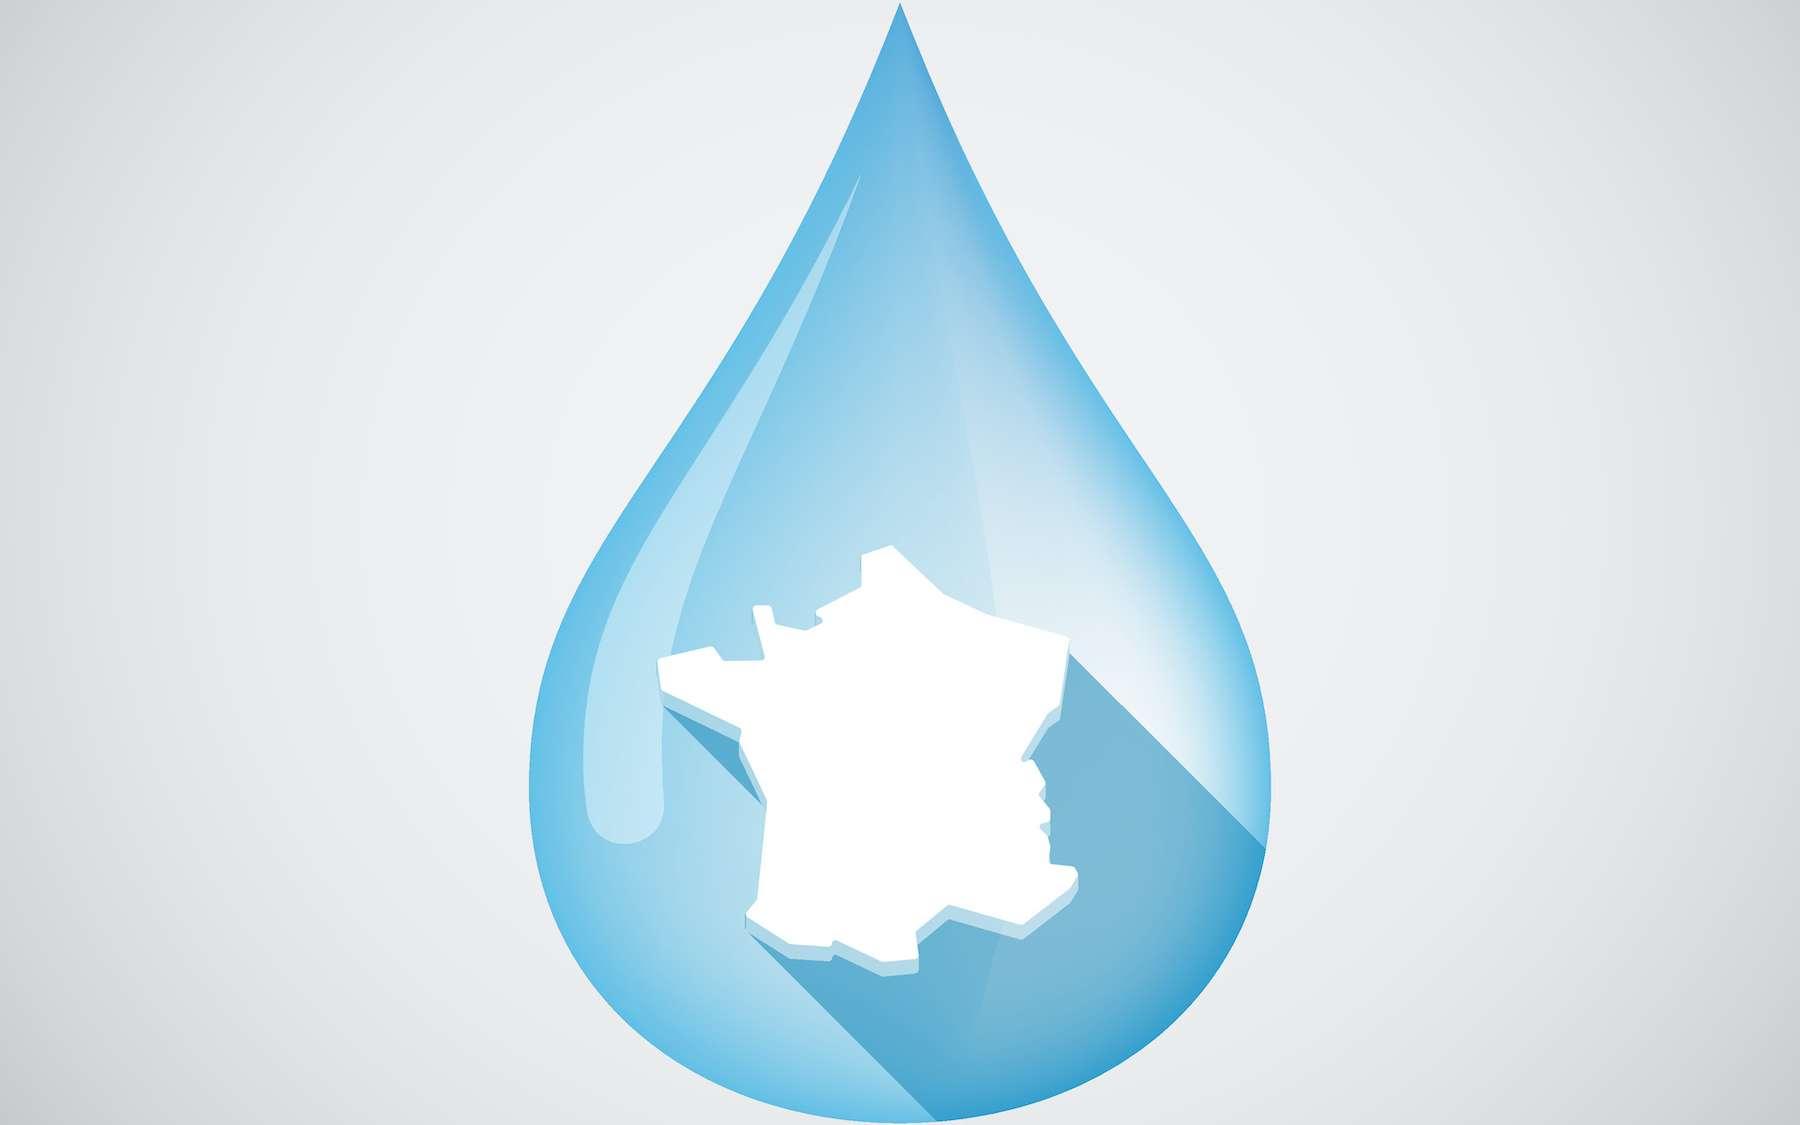 Consommation d'eau, pesticides dans les cours d'eau et précipitations : tout savoir sur l'eau en France. © jpgon, Adobe Stock